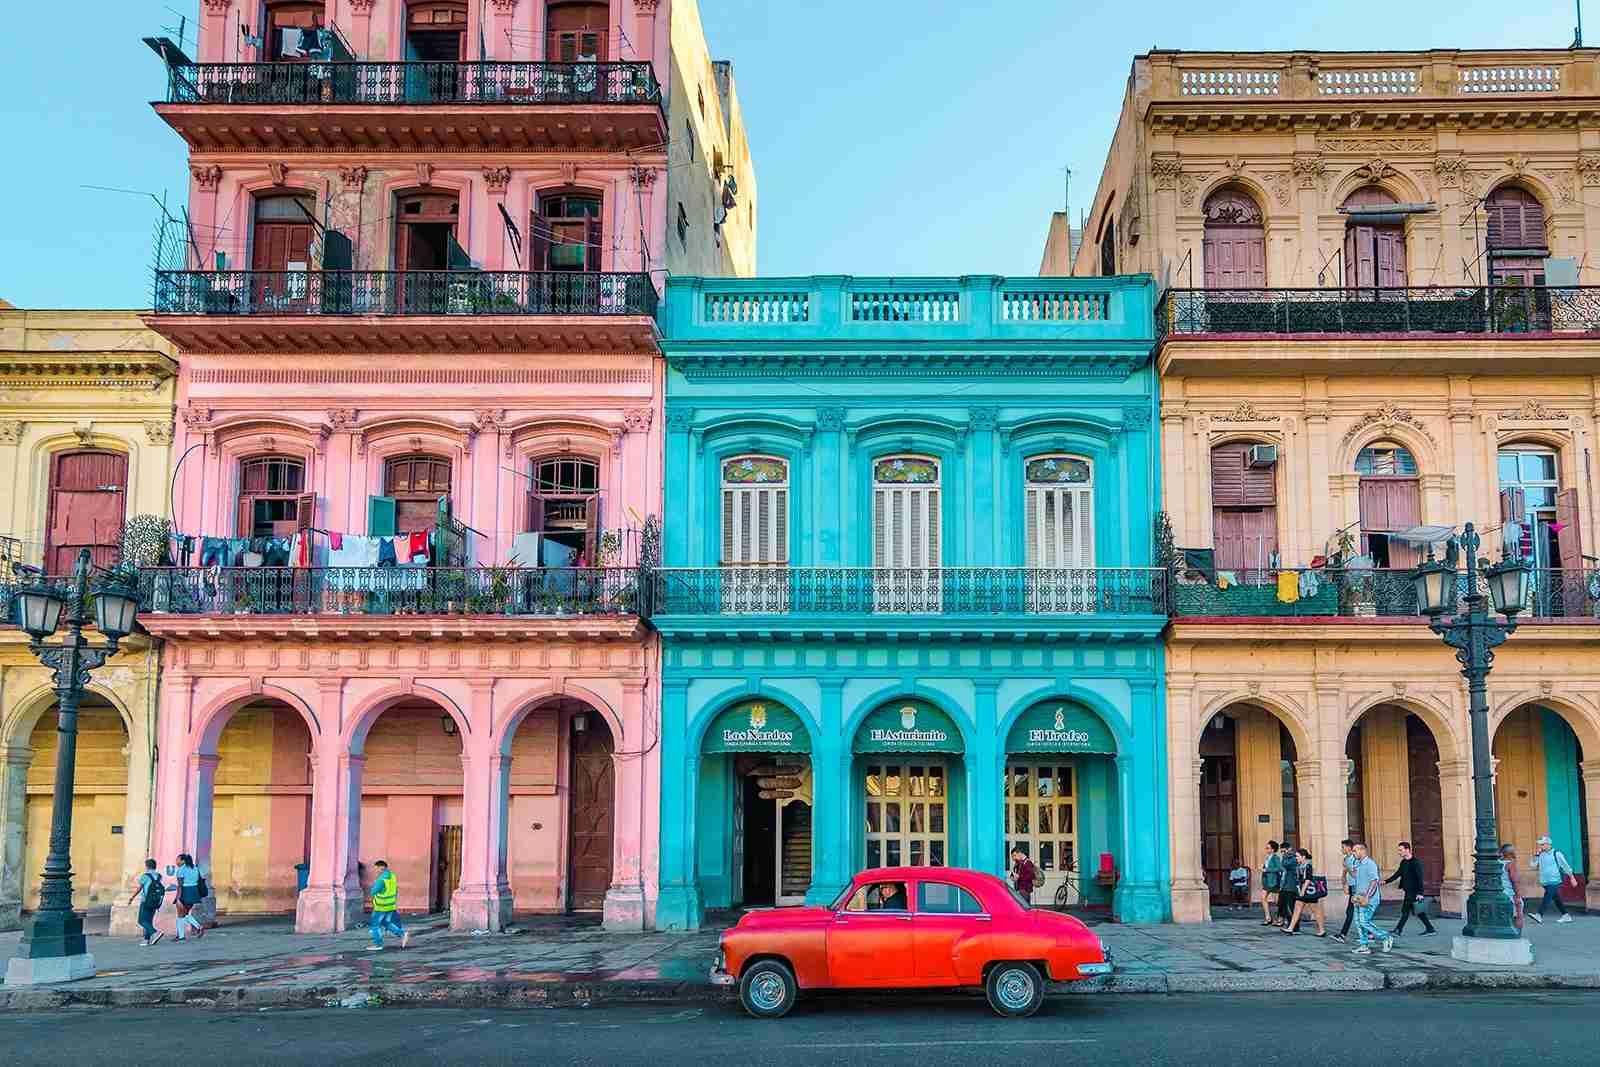 Havana Cuba with car